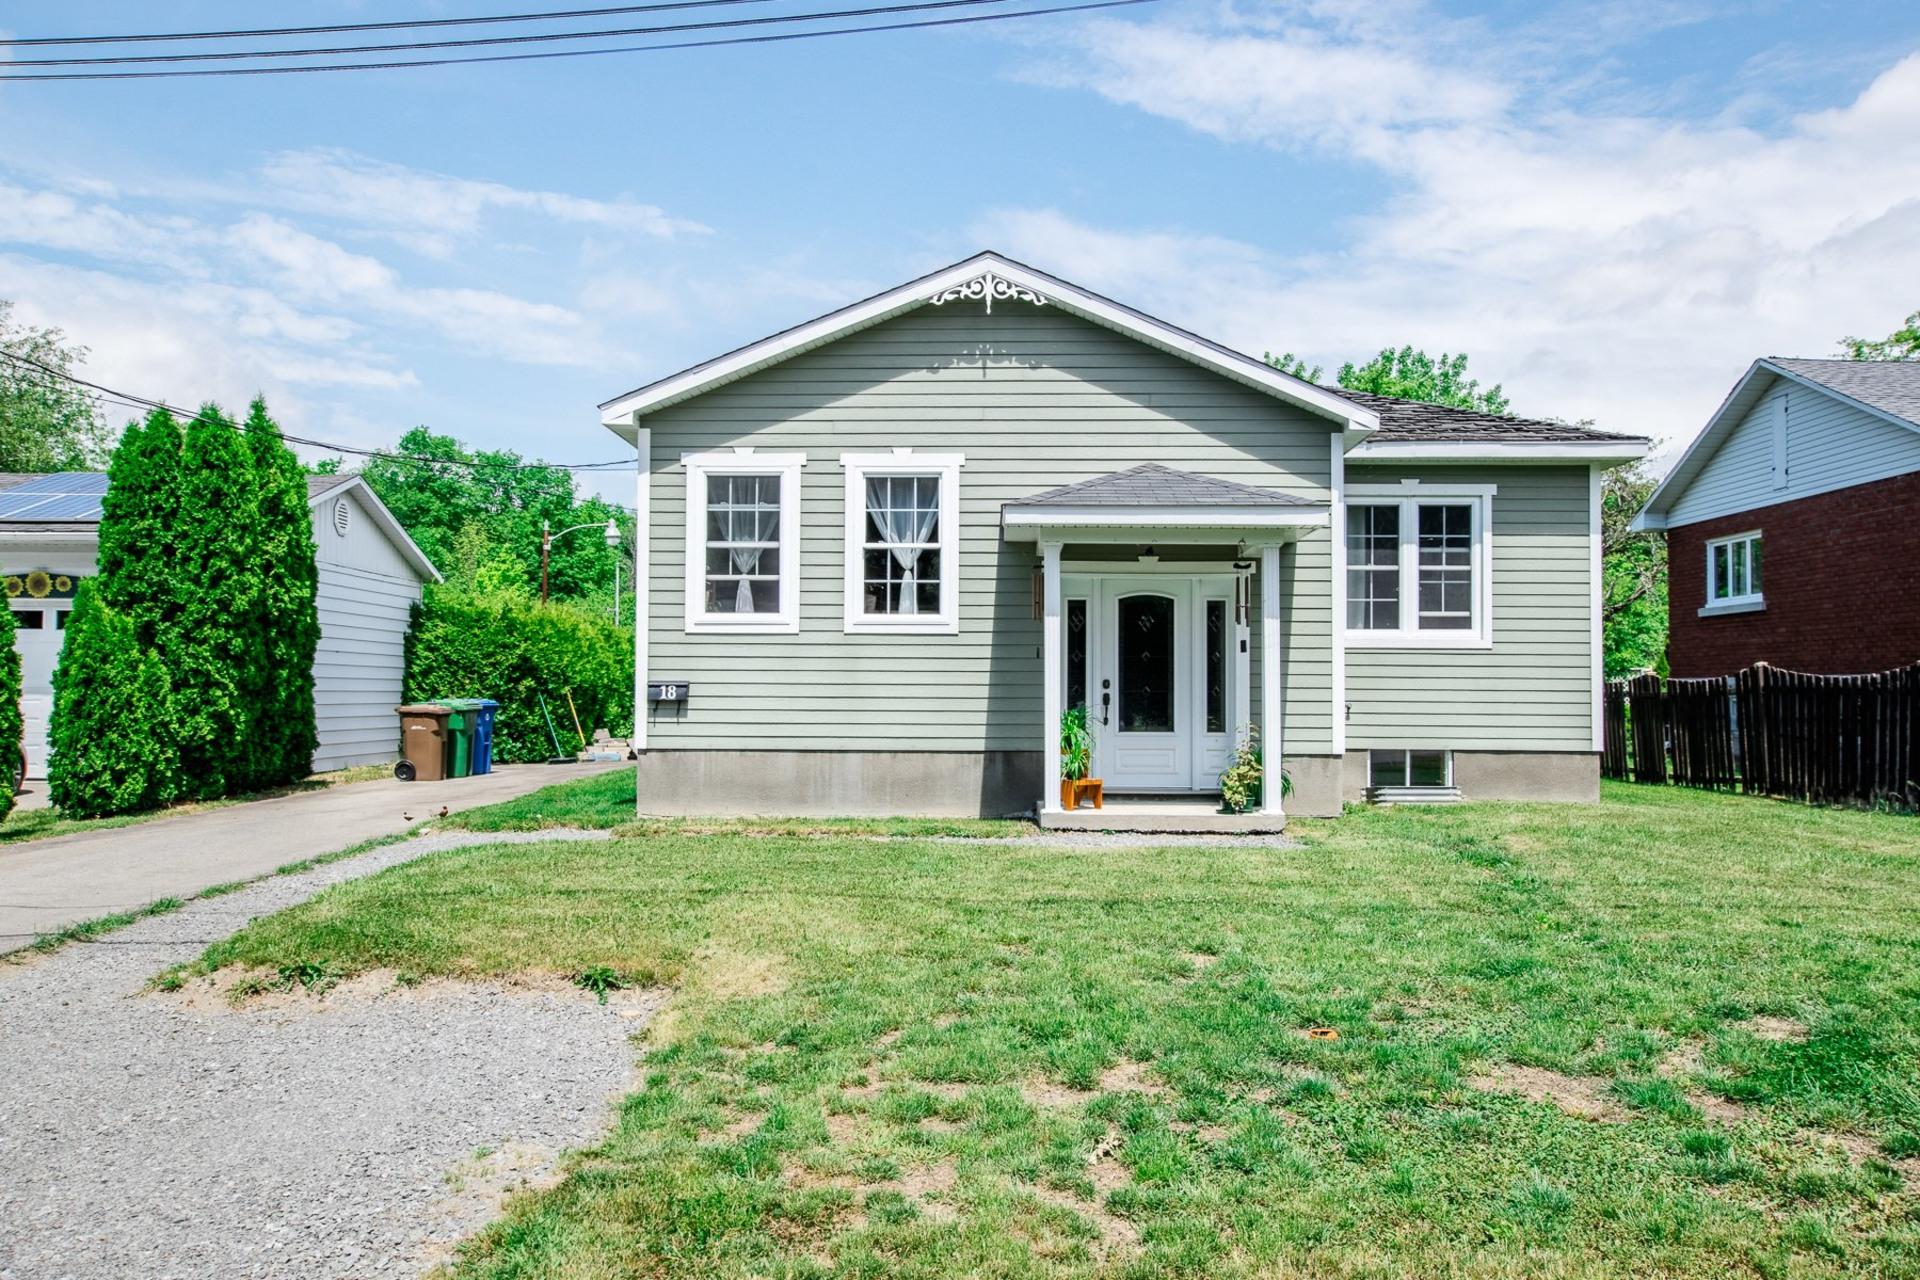 image 0 - MX - Casa sola - MX En venta Léry - 8 habitaciones